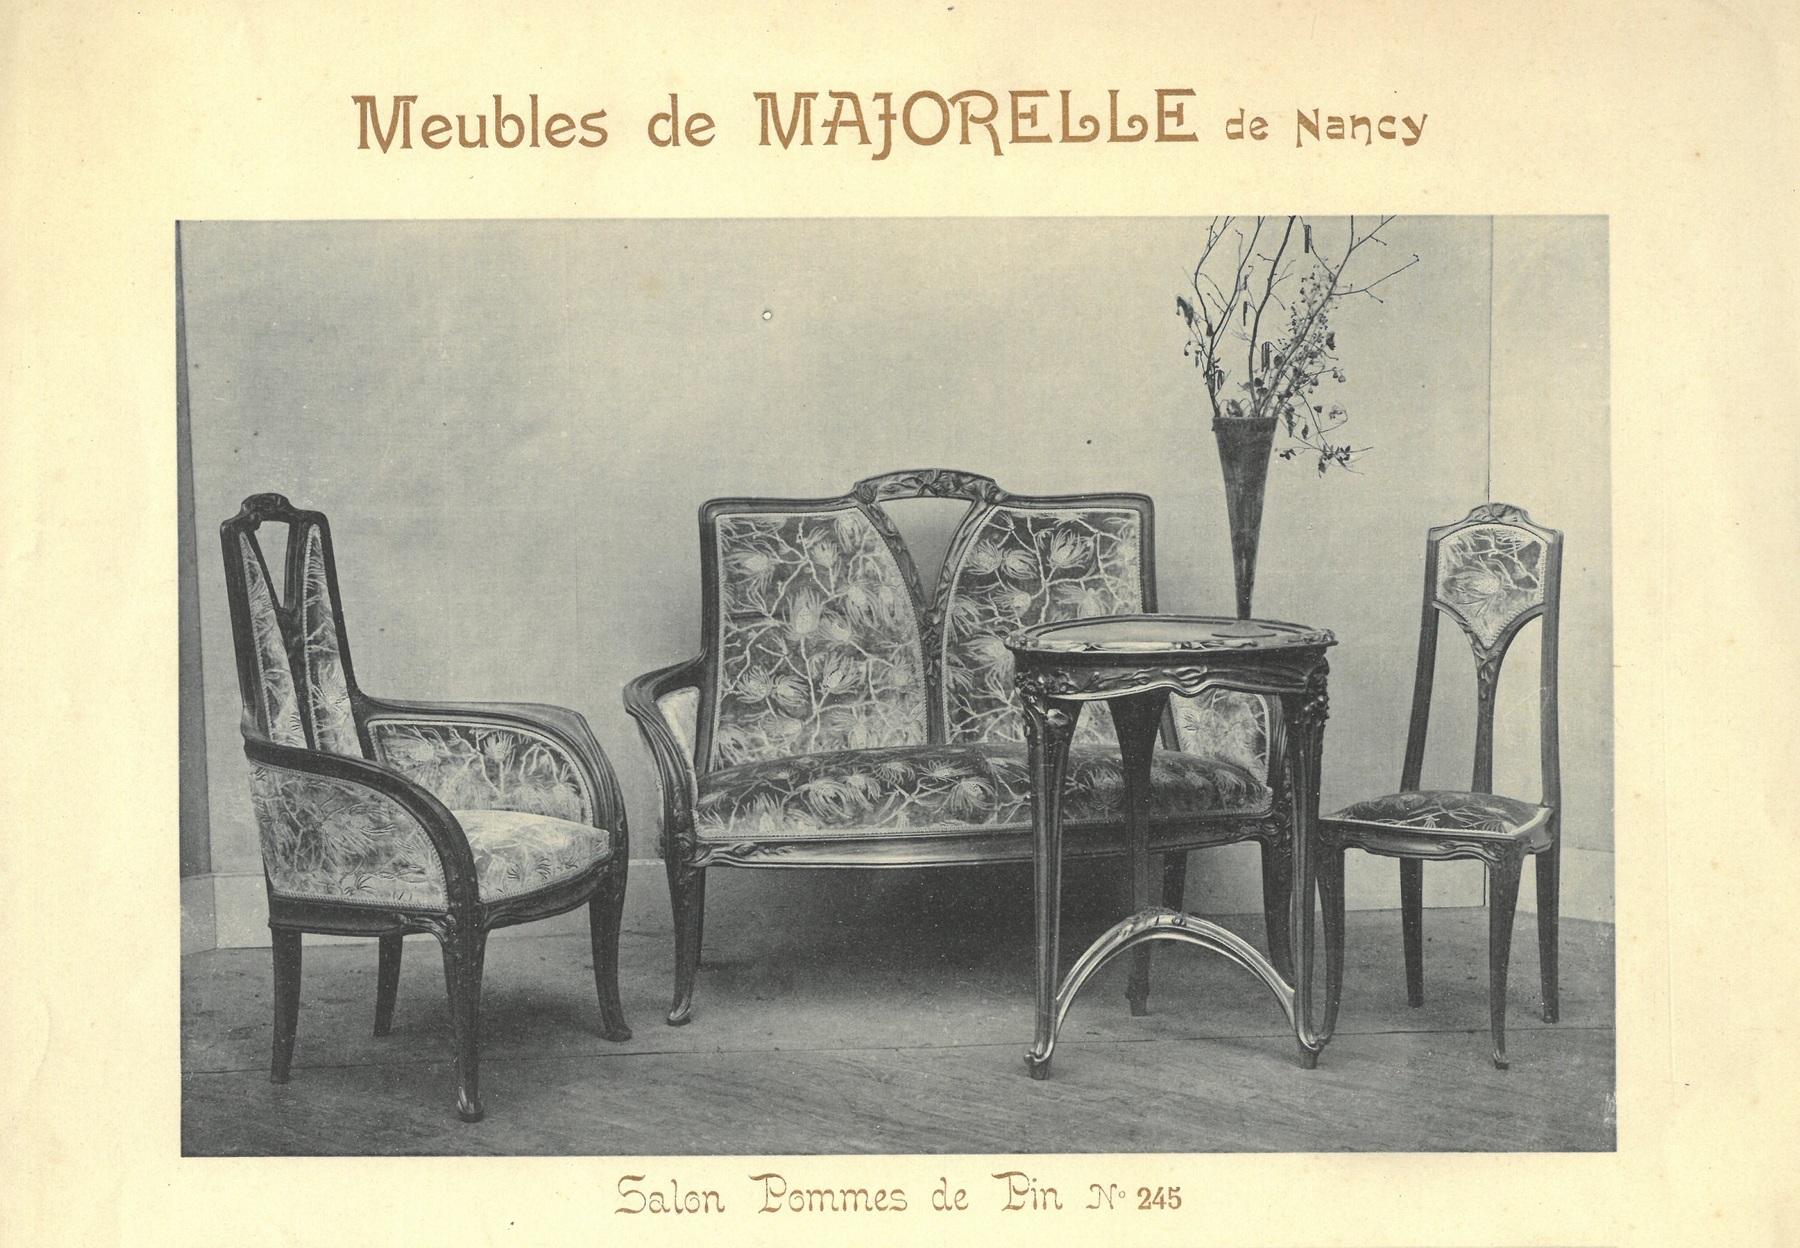 Contenu du Meubles de Majorelle de Nancy. Salon Pommes de Pin